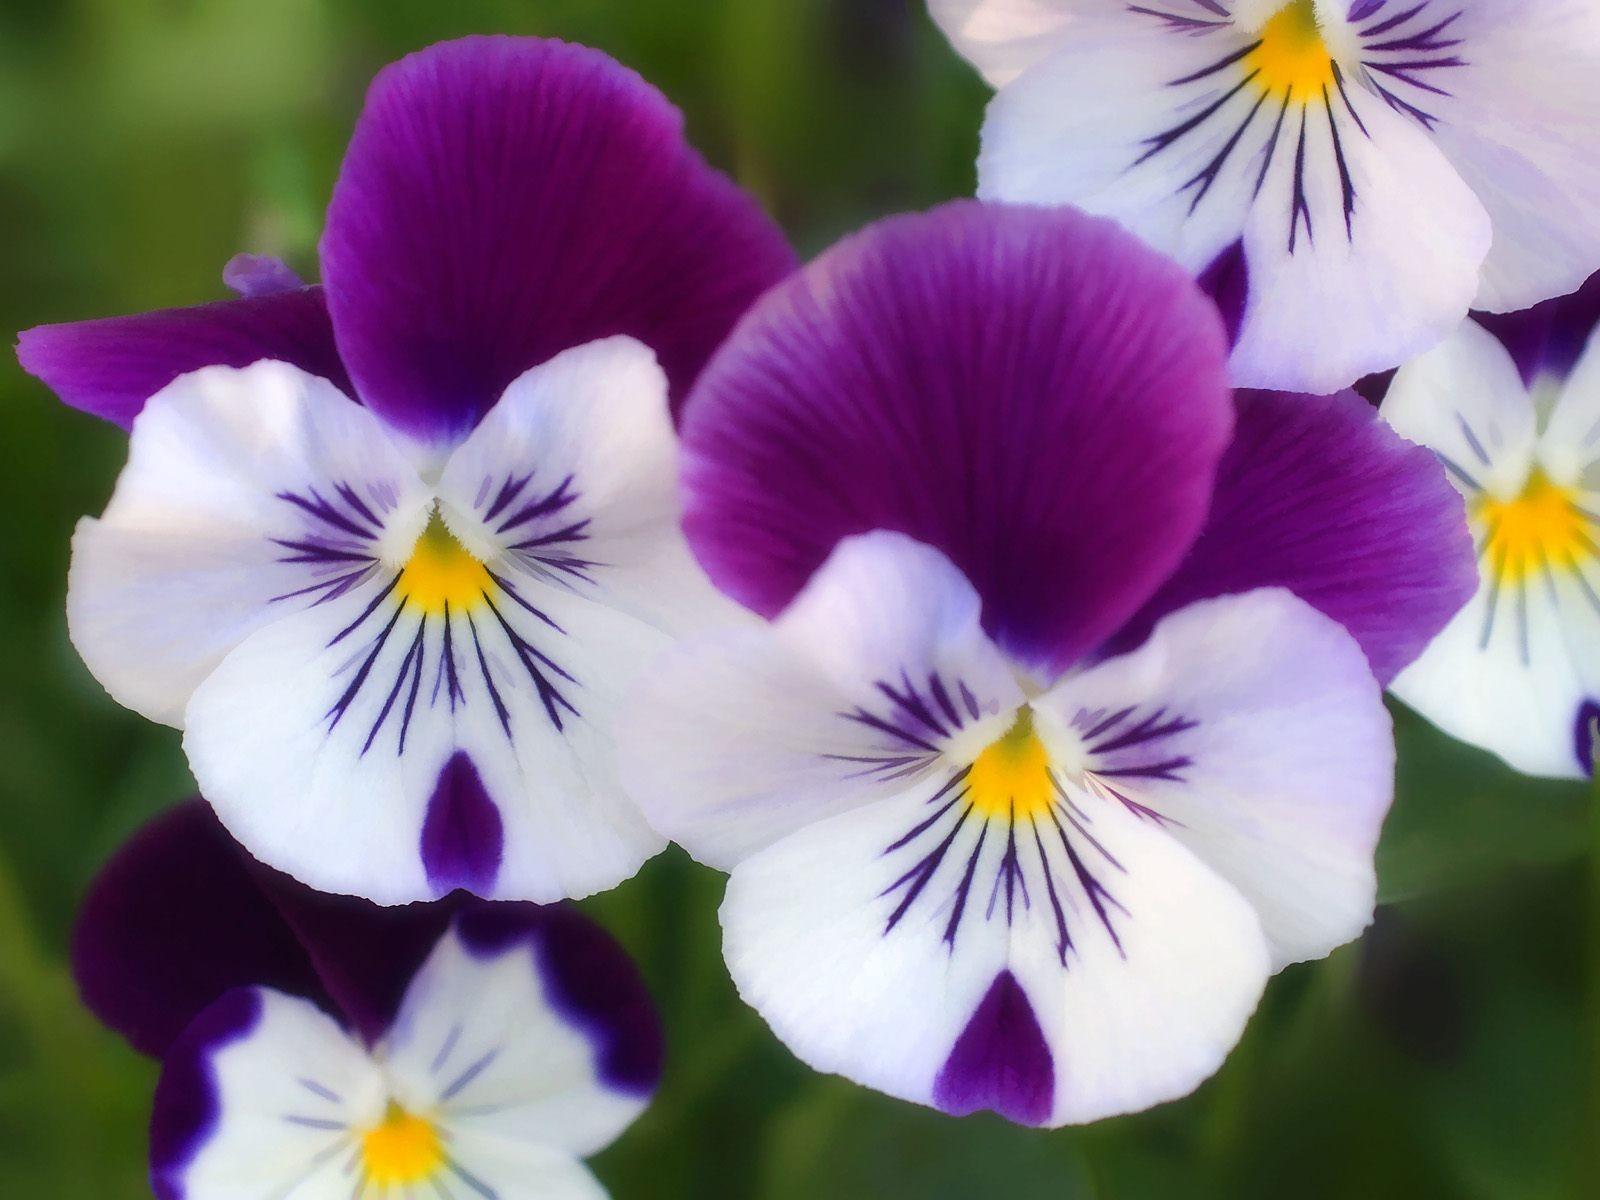 بالصور صور ورود روعه , التقاط سحر الورود الطبيعية فى صور خاصة رائعة 1905 10